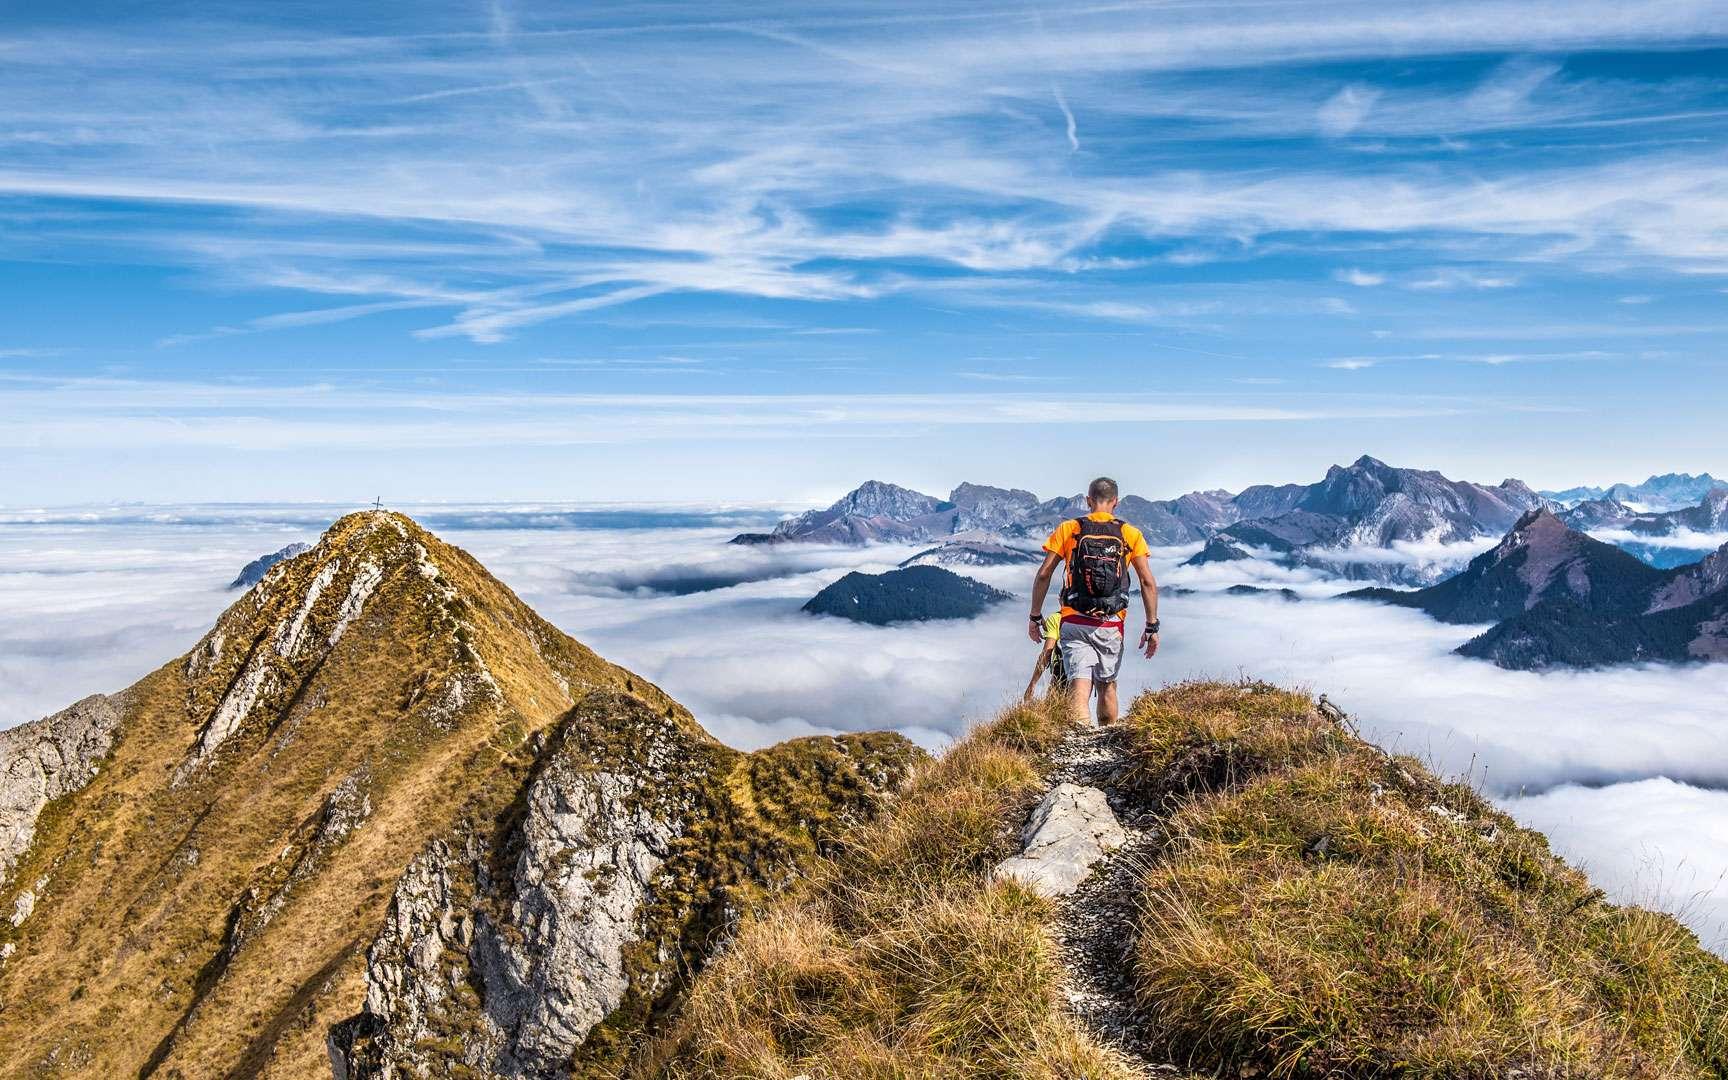 Sur le chemin du Roc d'Enfer, le Massif du Chablais. Attention, ici arêtes aiguisées. Ascension réservée aux pieds expérimentés car le terrain est souvent à pic et les crêtes effilées sont « aériennes ». Le faux pas n'est pas permis. Au bout du chemin, au loin, la croix matérialisant le sommet (à gauche sur la photo). Le Roc d'enfer, culmine à 2.244 m en Haute-Savoie. Il s'étend entre la Suisse et la France et est l'un des plus hauts sommets du Chablais, deuxième massif plus étendu des Préalpes du Nord. © Pierre Thiaville, tous droits réservés